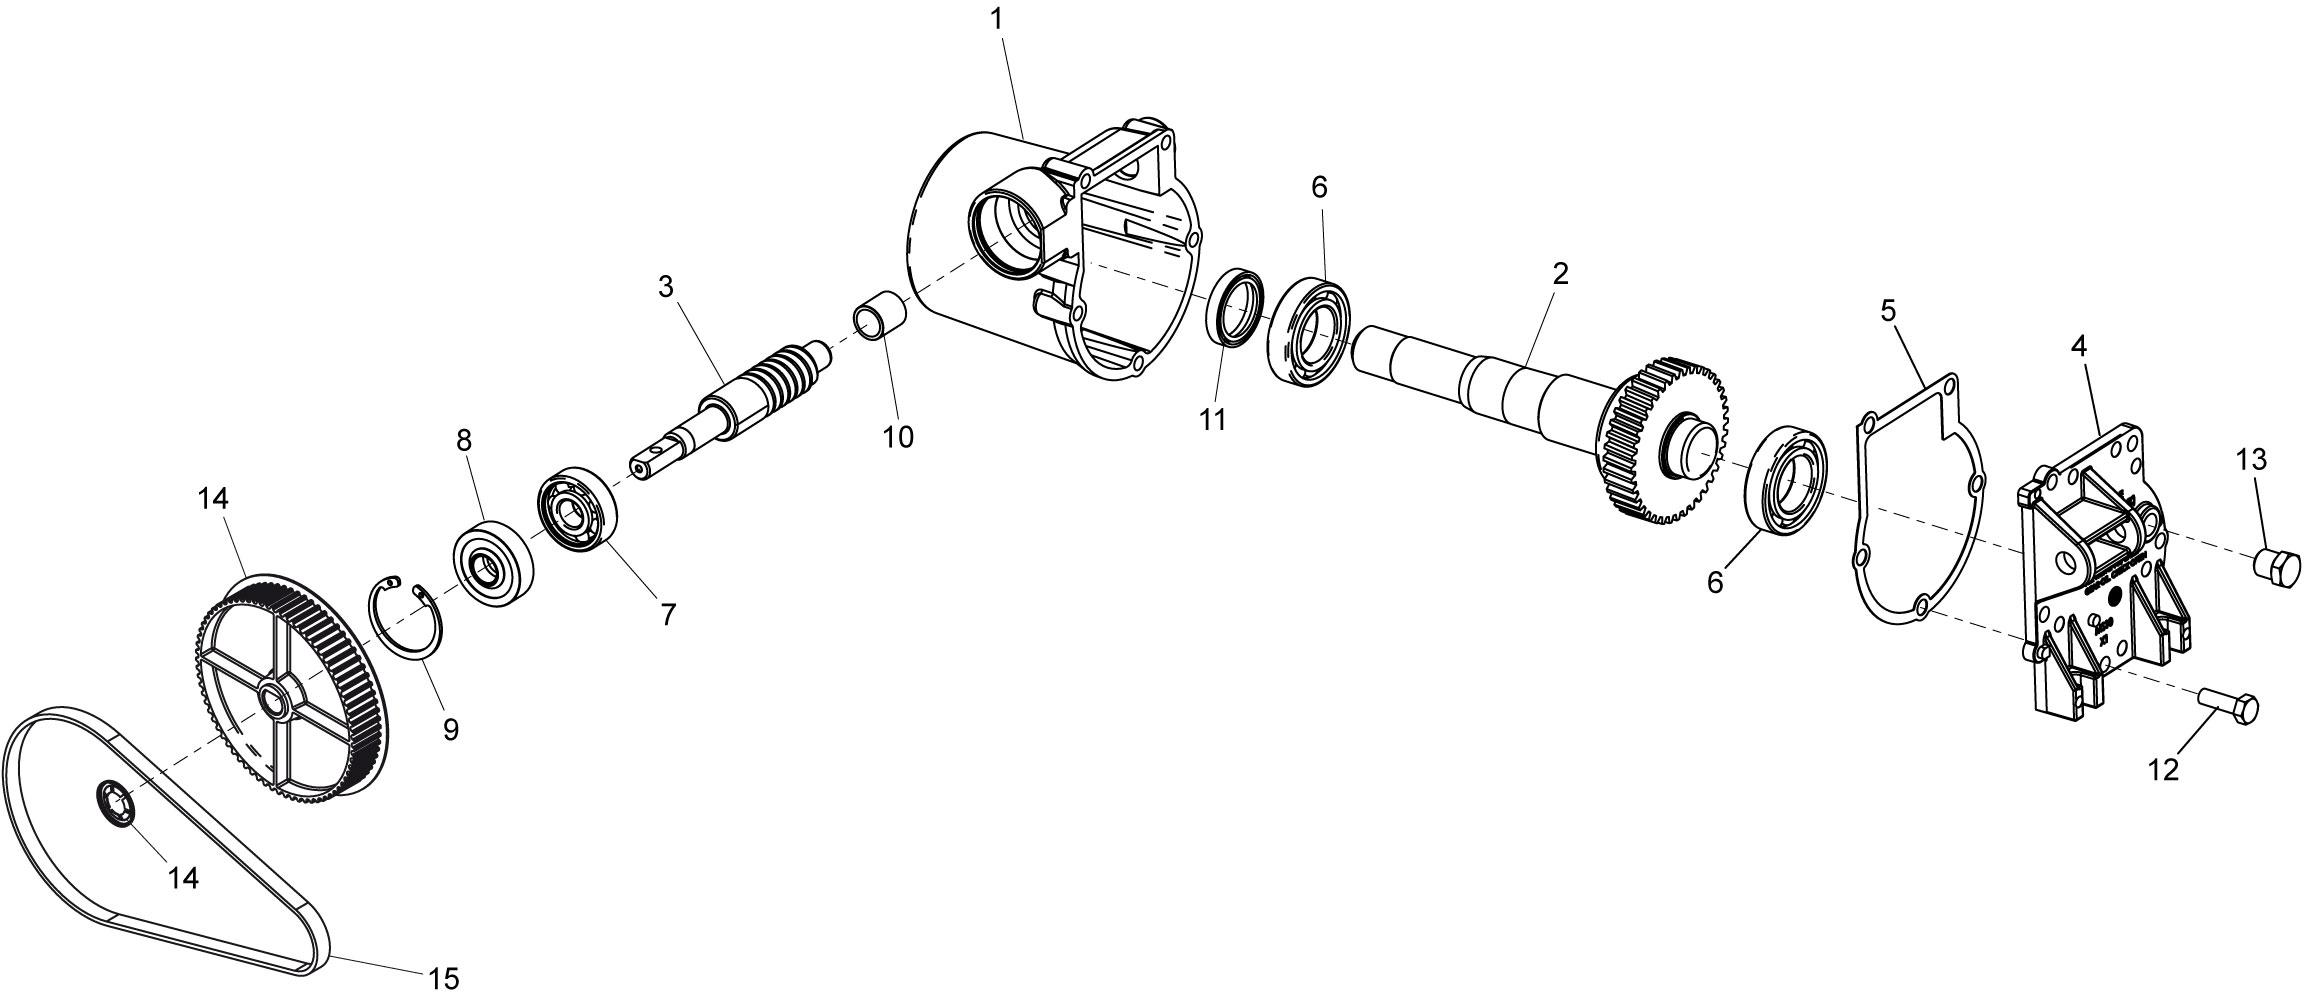 honda gx35 engine parts diagram honda gx31 engine diagram